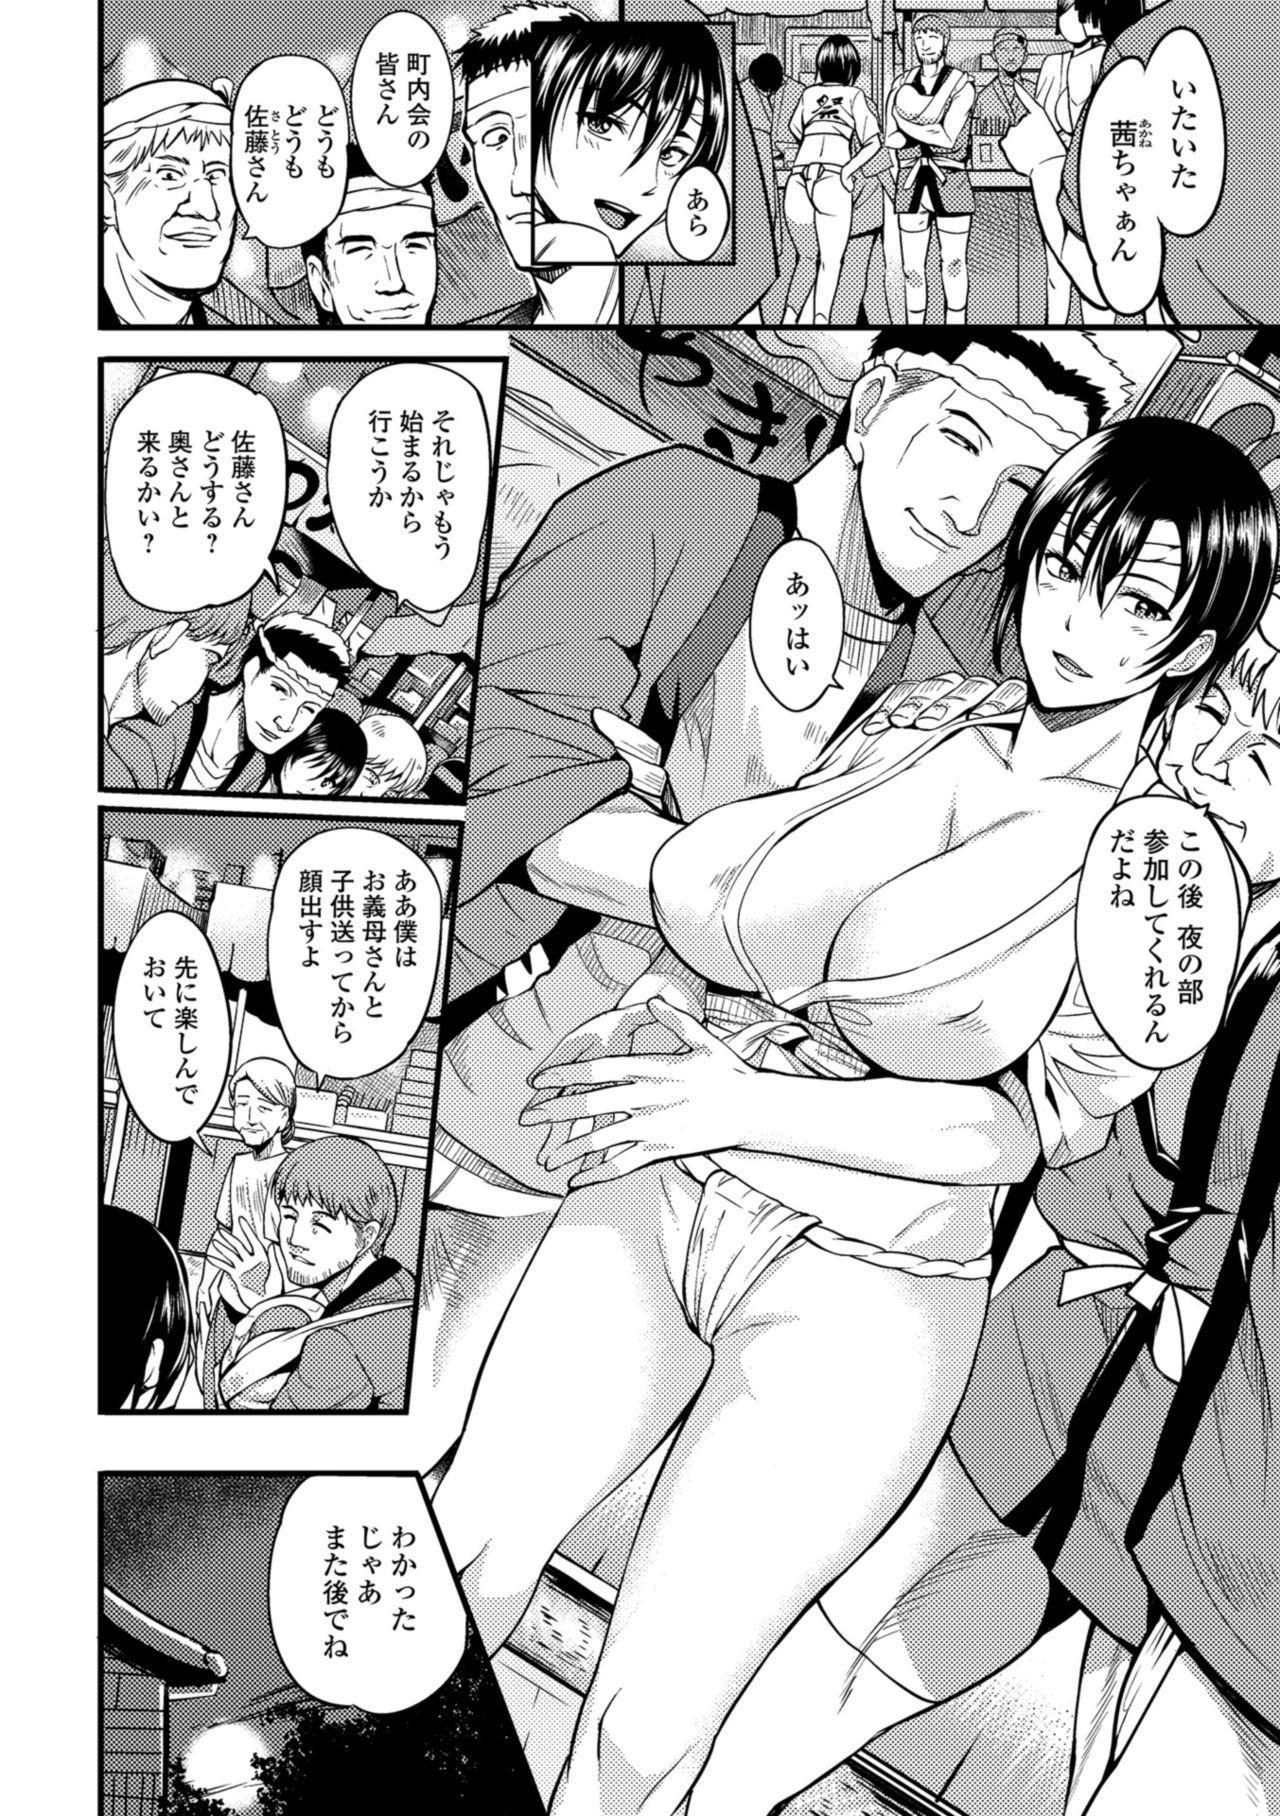 Oku-san ga Shiranai Kairaku 51